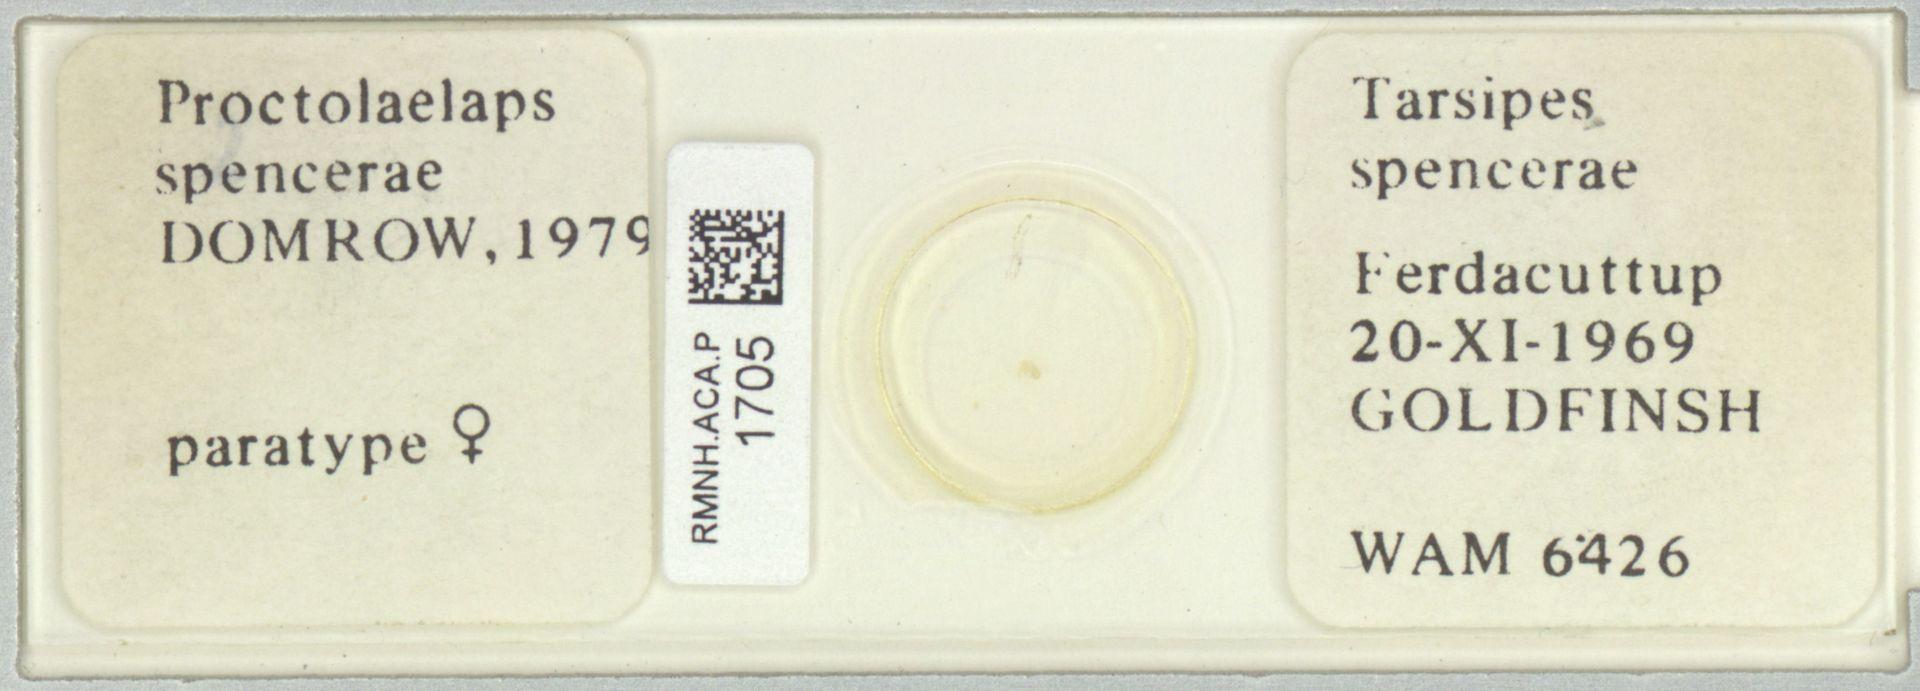 RMNH.ACA.P.1705 | Proctolaelaps spencerae Domrow, 1979